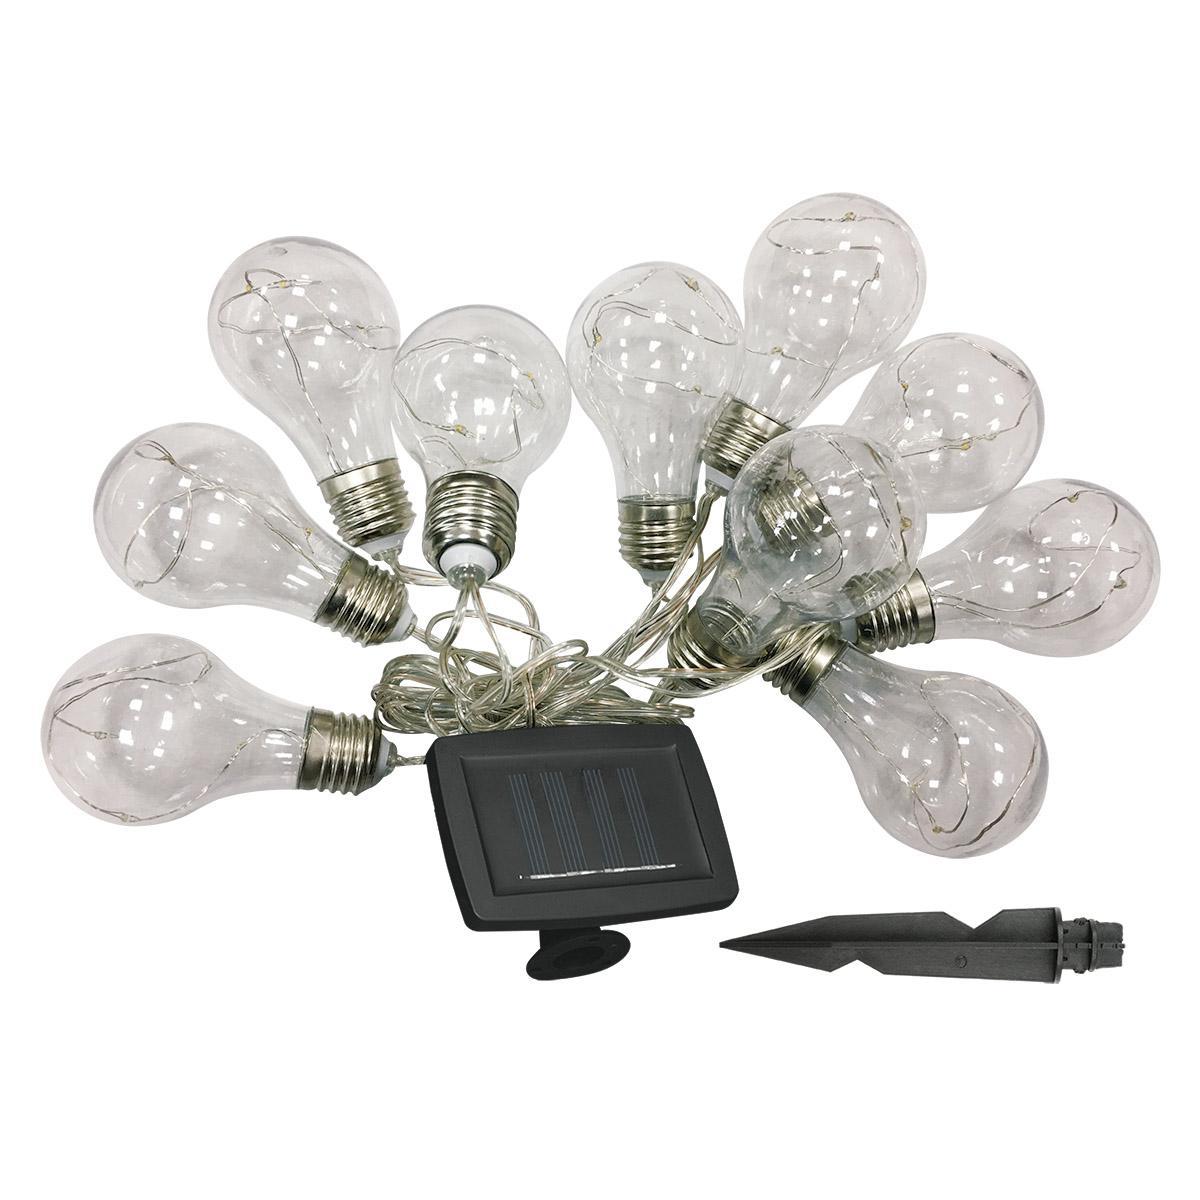 Светильник уличный Uniel Uniel usl-s-126/pt4000 bulbs